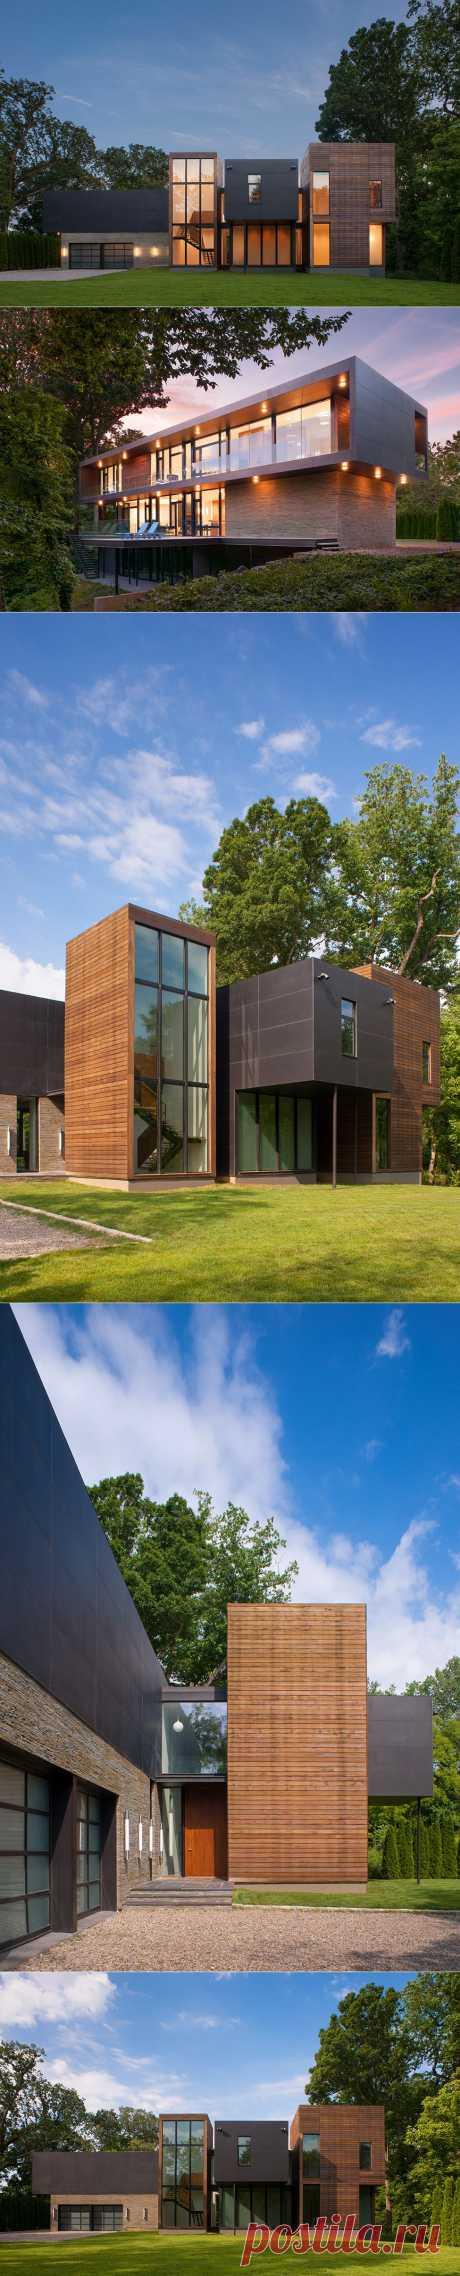 Жилой дом проектирование